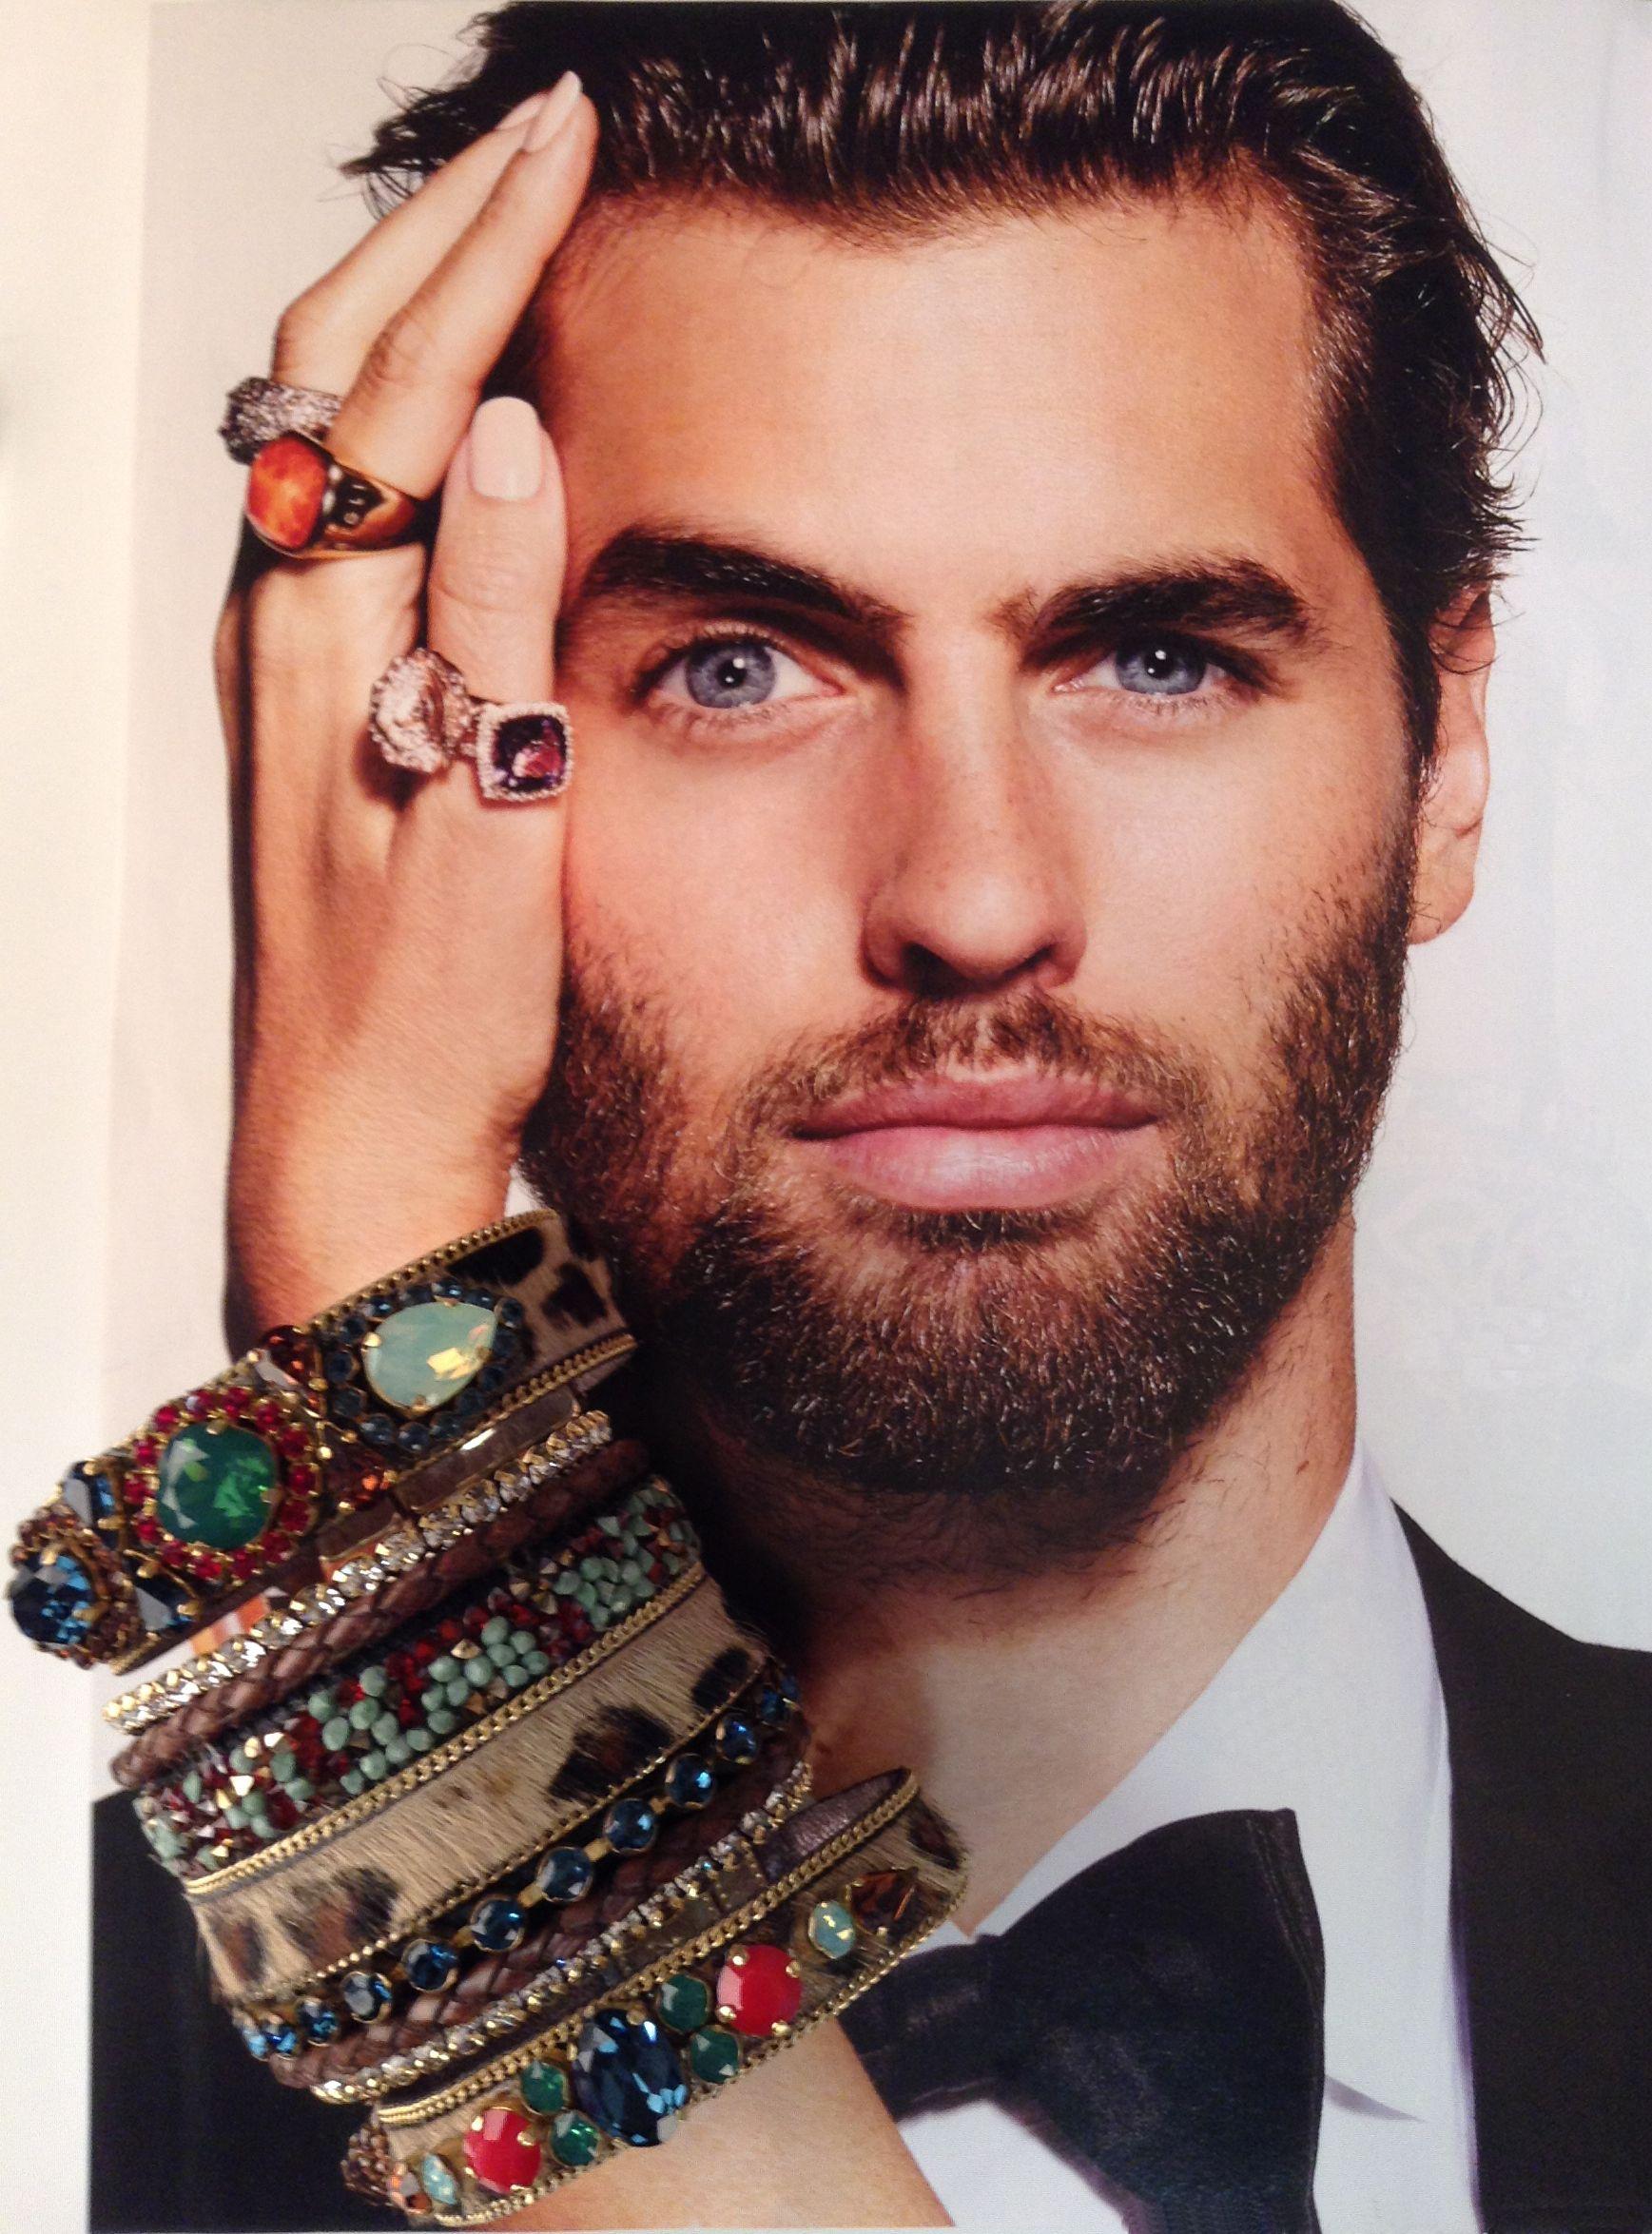 @HarpersBazaar bracelets by Bibi bijoux